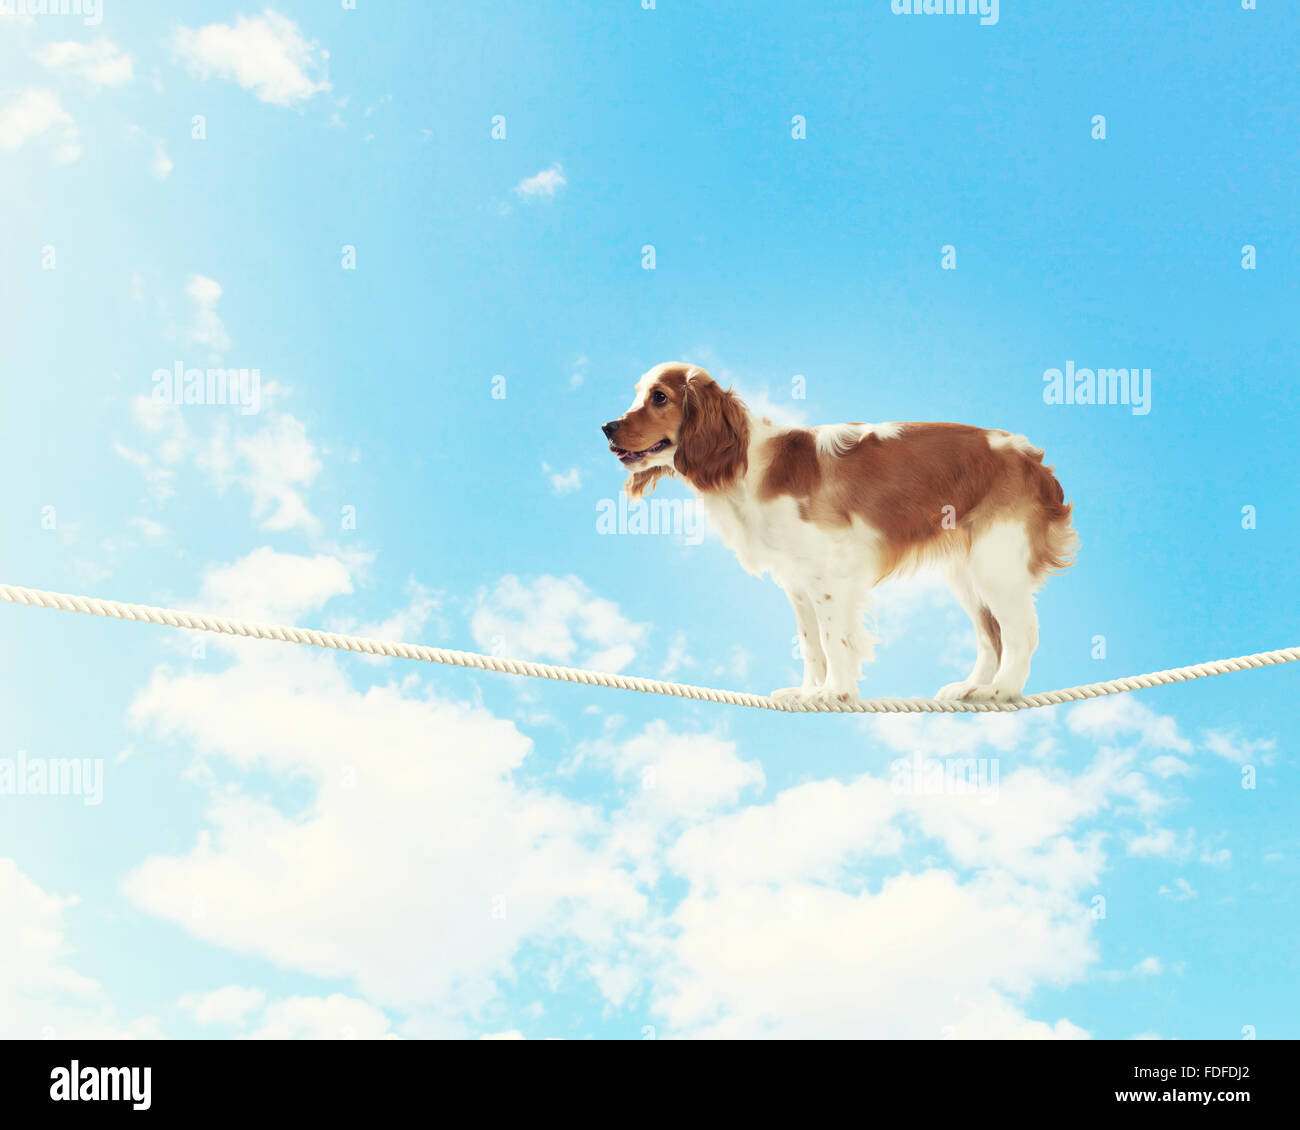 Bild der Spaniel Hund balancieren auf Seil Stockbild